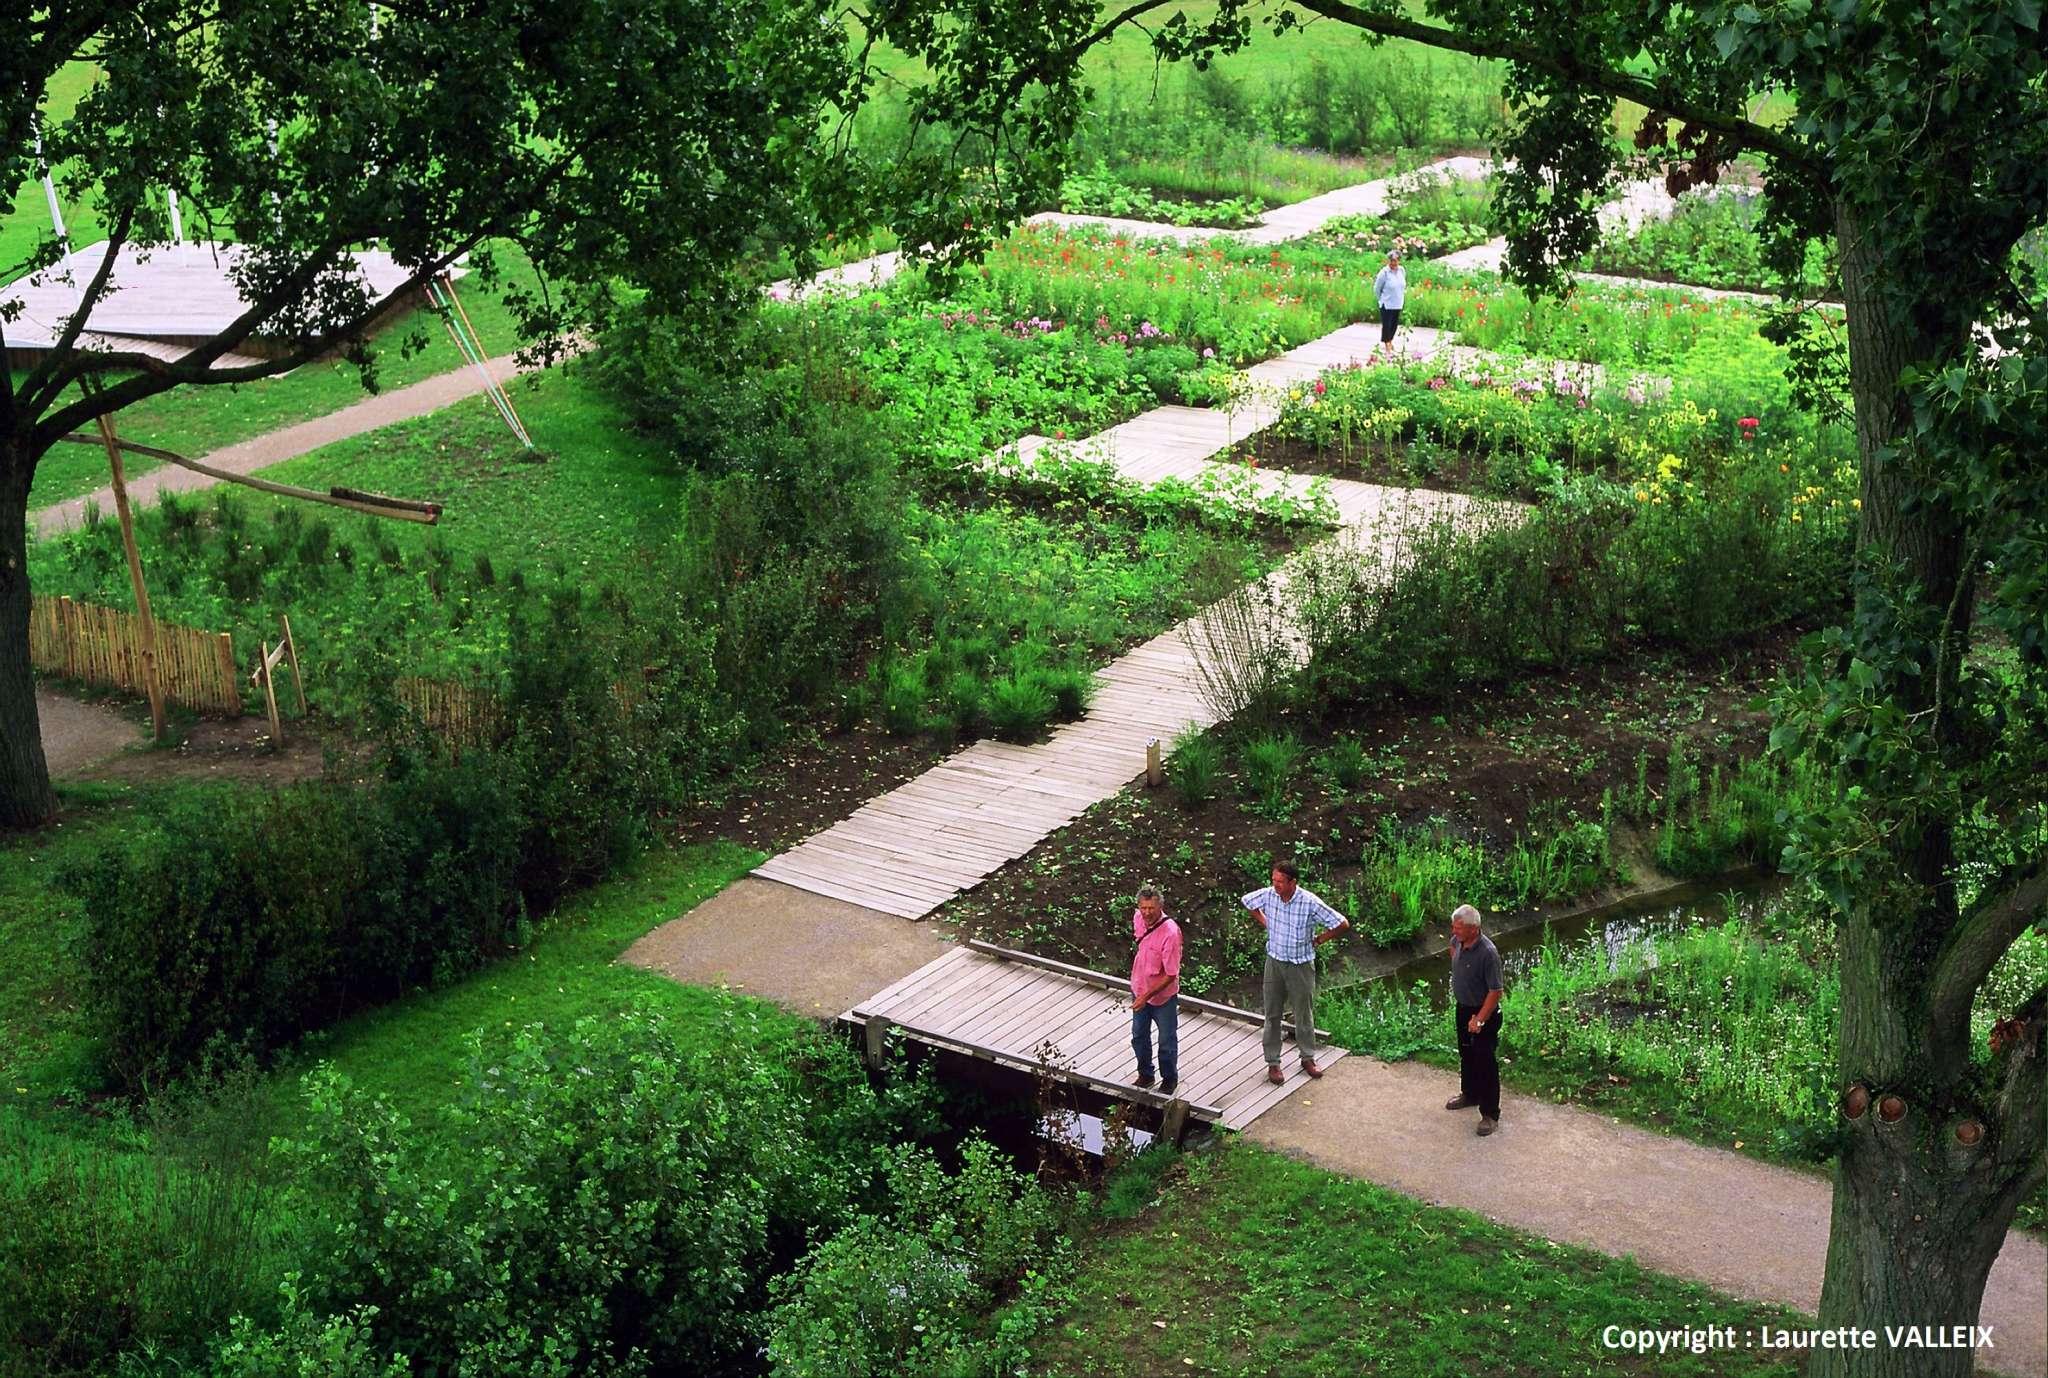 mosaic-jardin-polonais-copyright-laurette-valleix-2